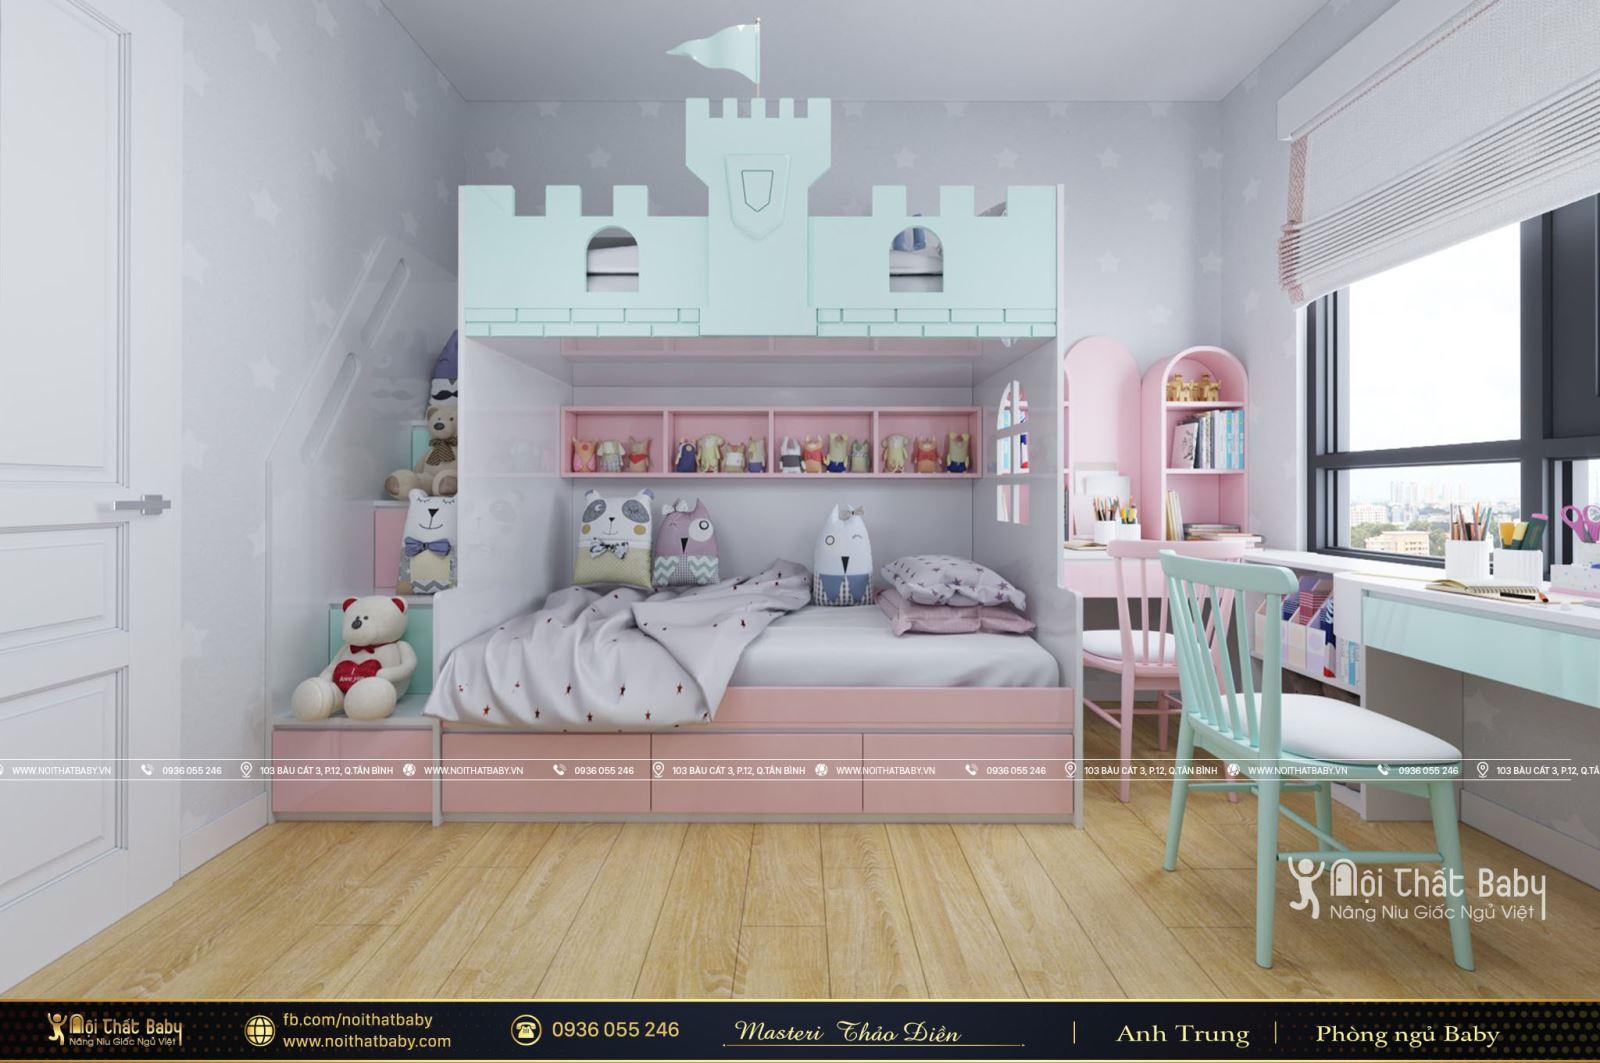 Mẫu Giường Tầng Cho Bé Được Ưa Chuộng Nhất 2021